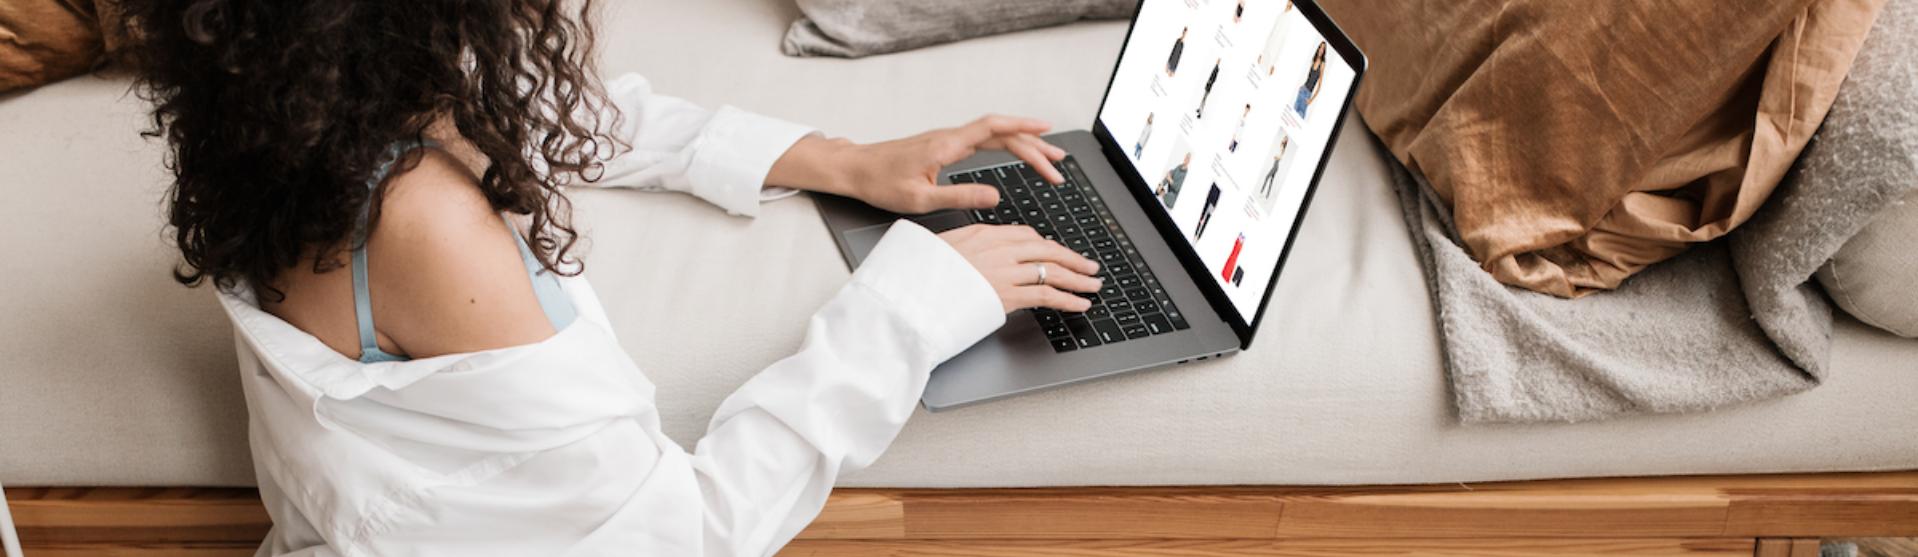 Girl shopping online on her laptop